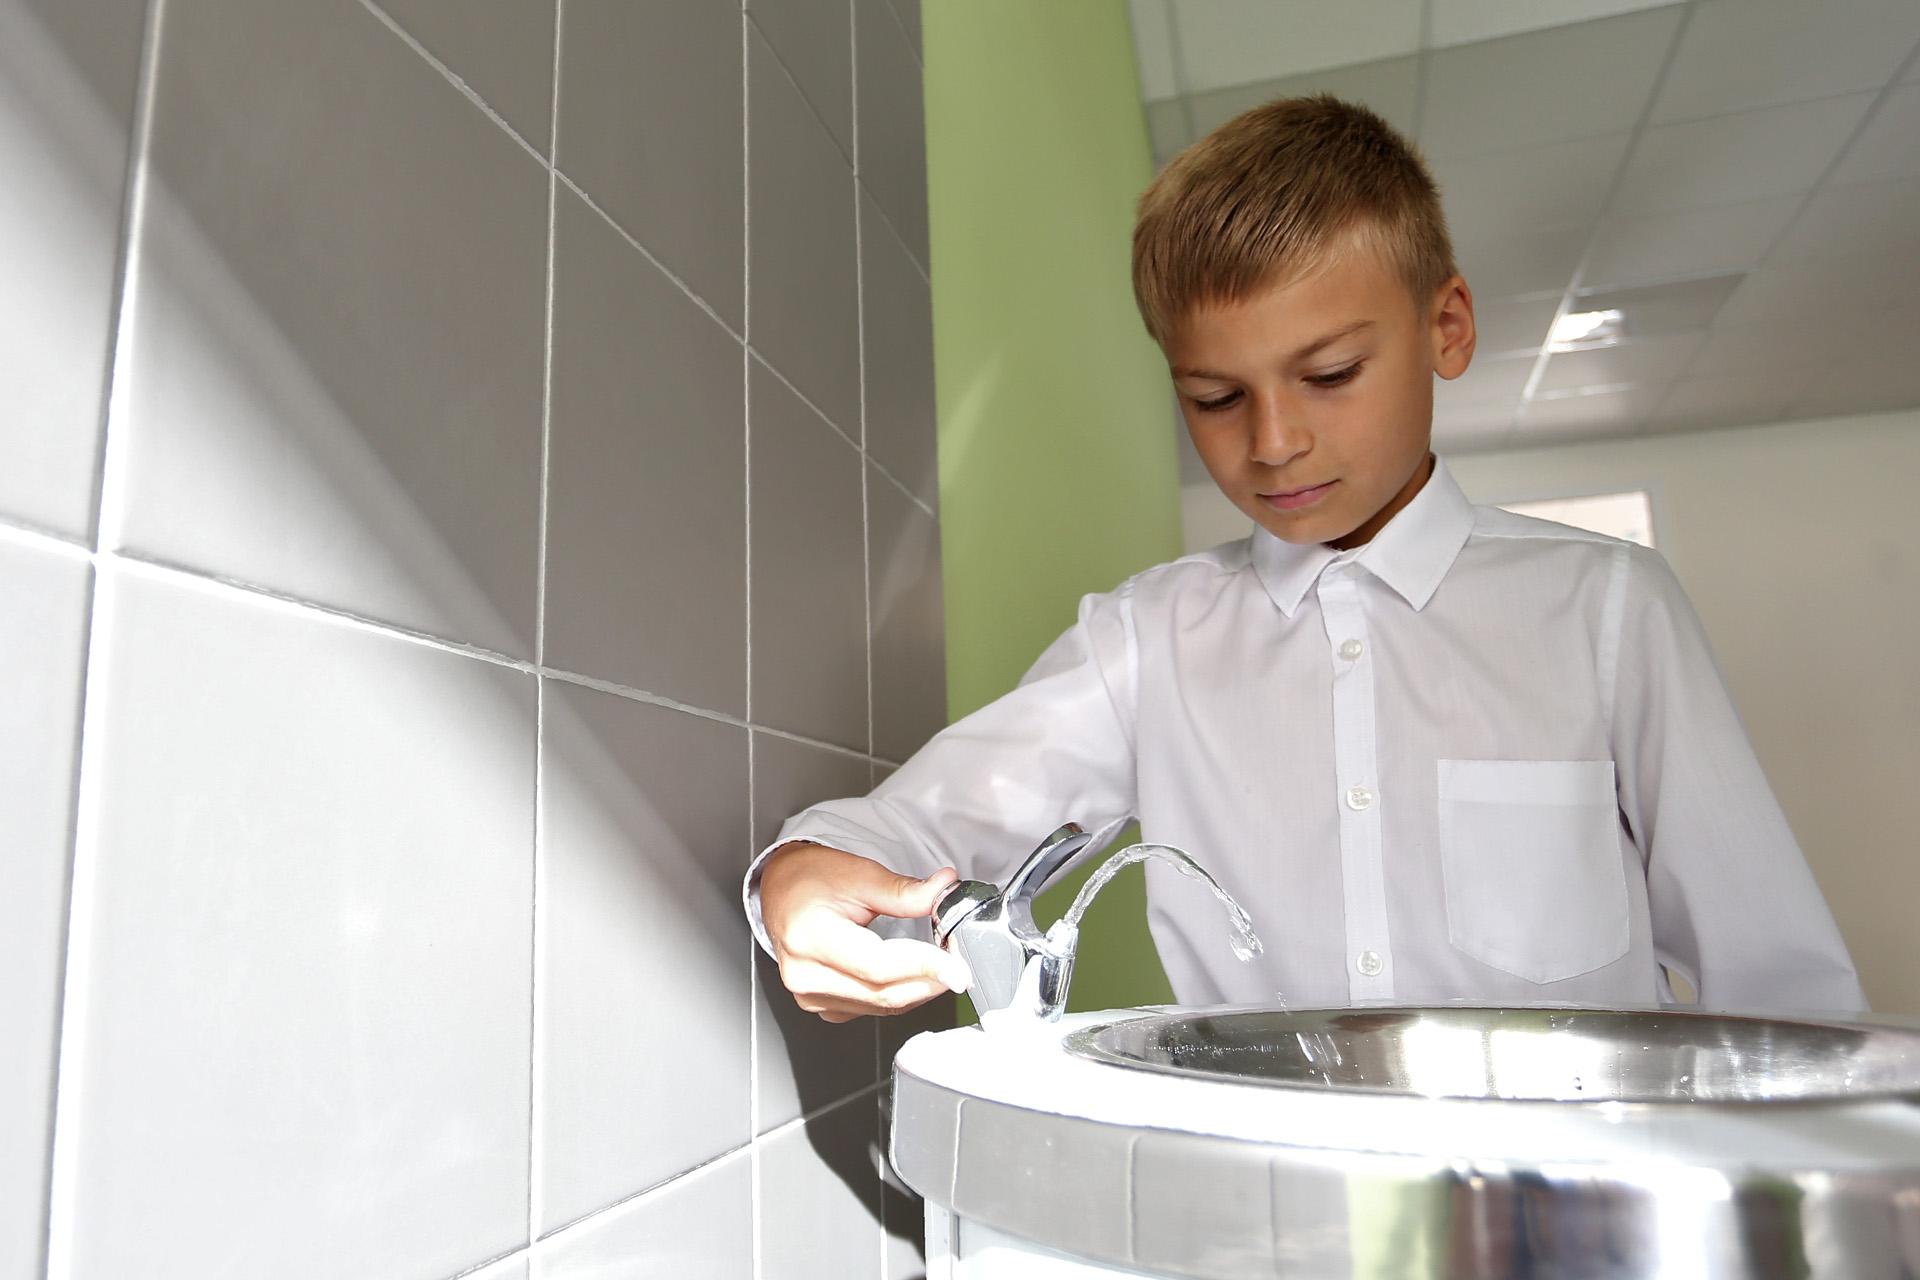 Всё новое — хорошо забытое старое, родители наверняка помнят питьевые фонтанчики в своих школах